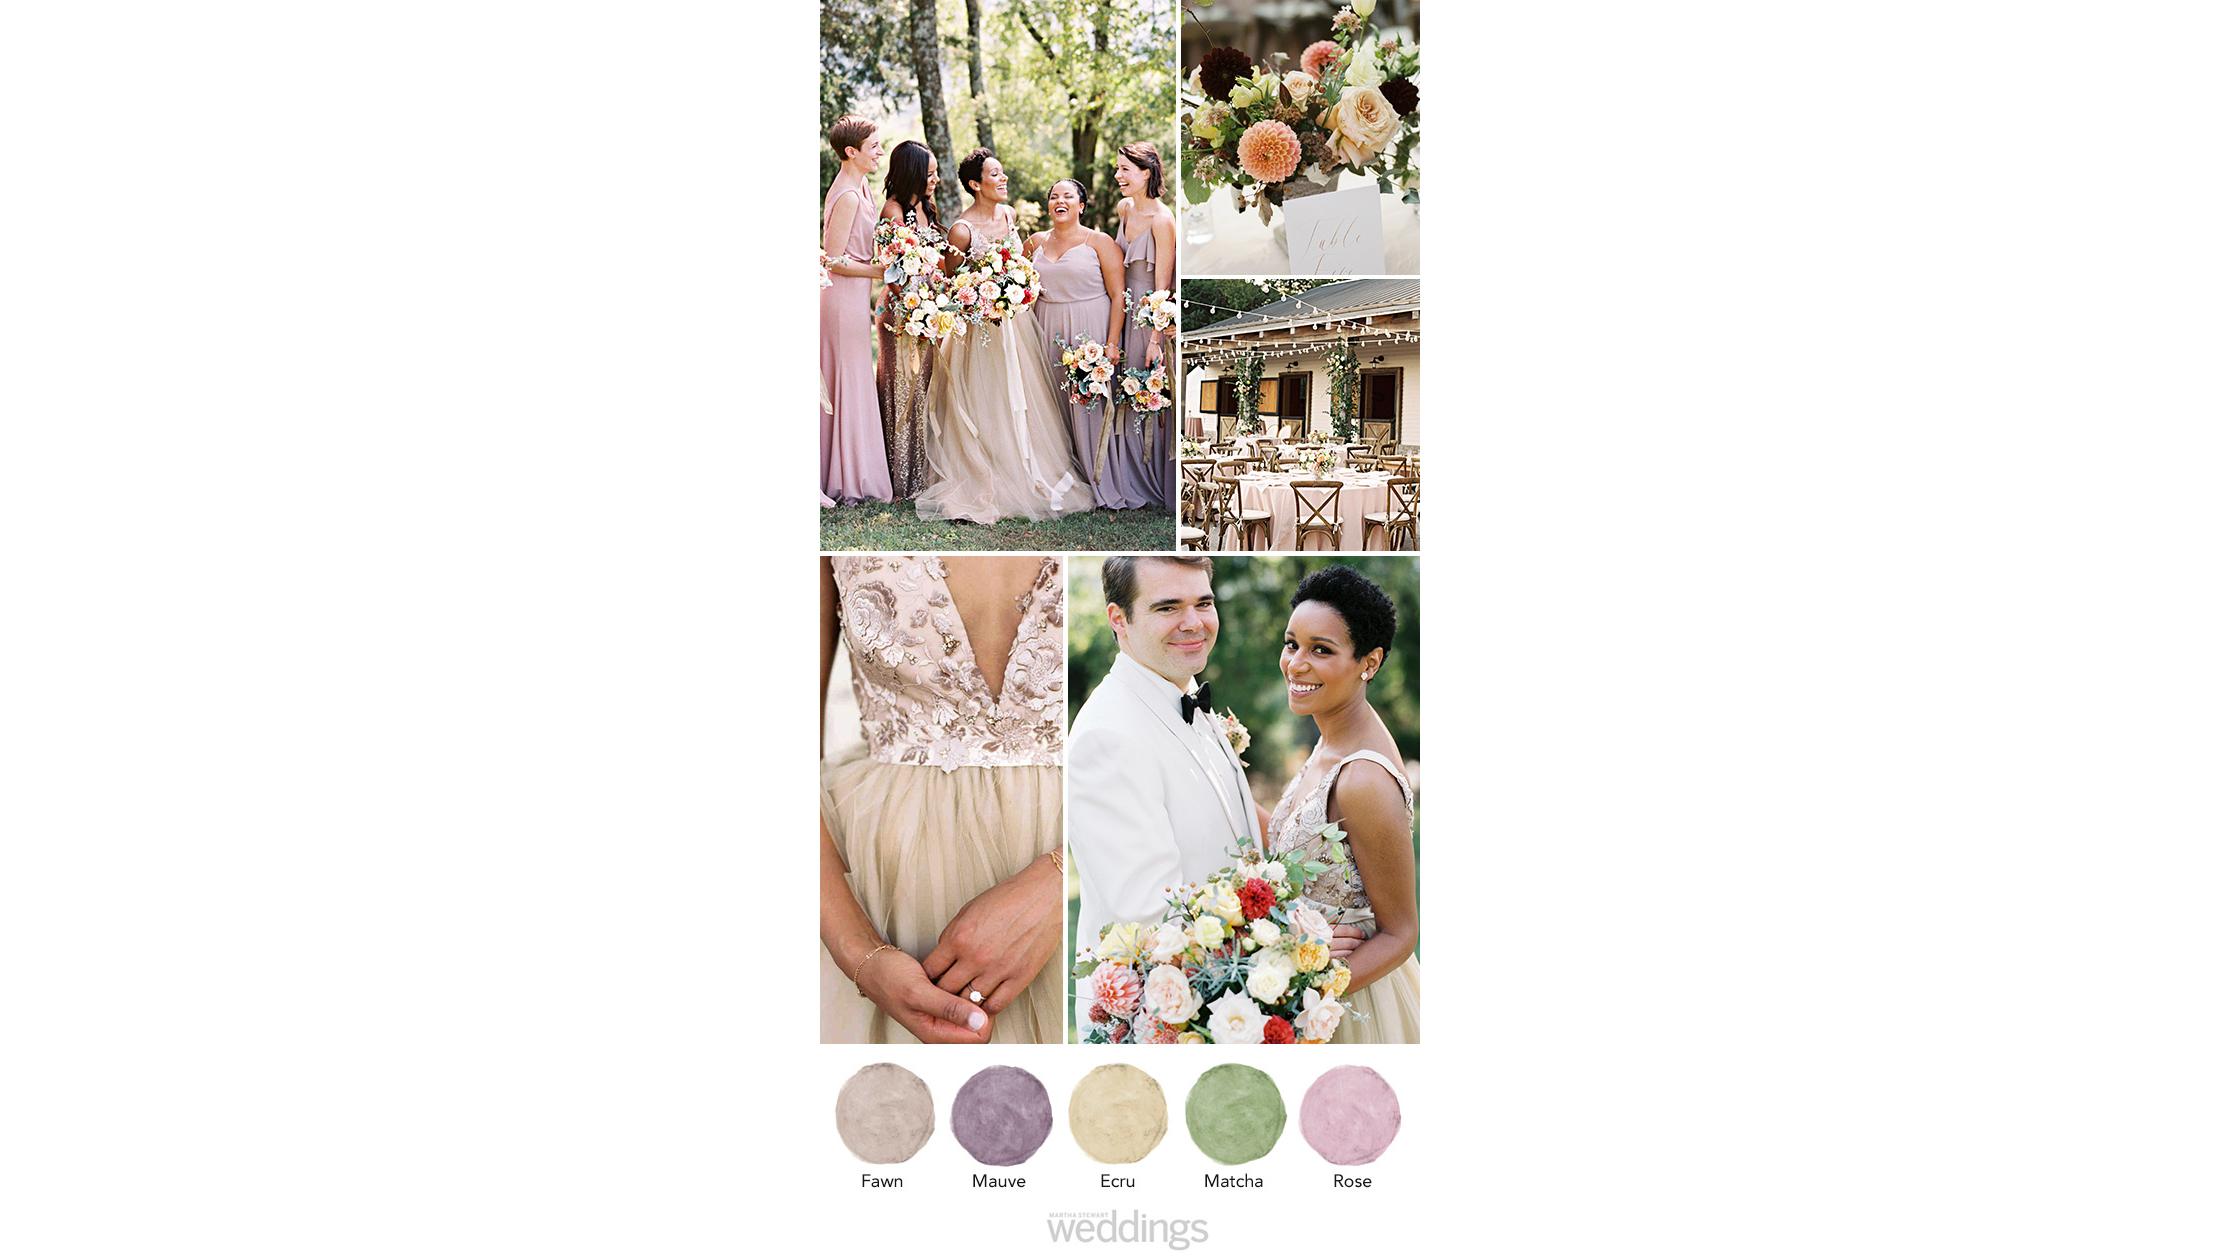 Mauve and Gold wedding color palette ideas